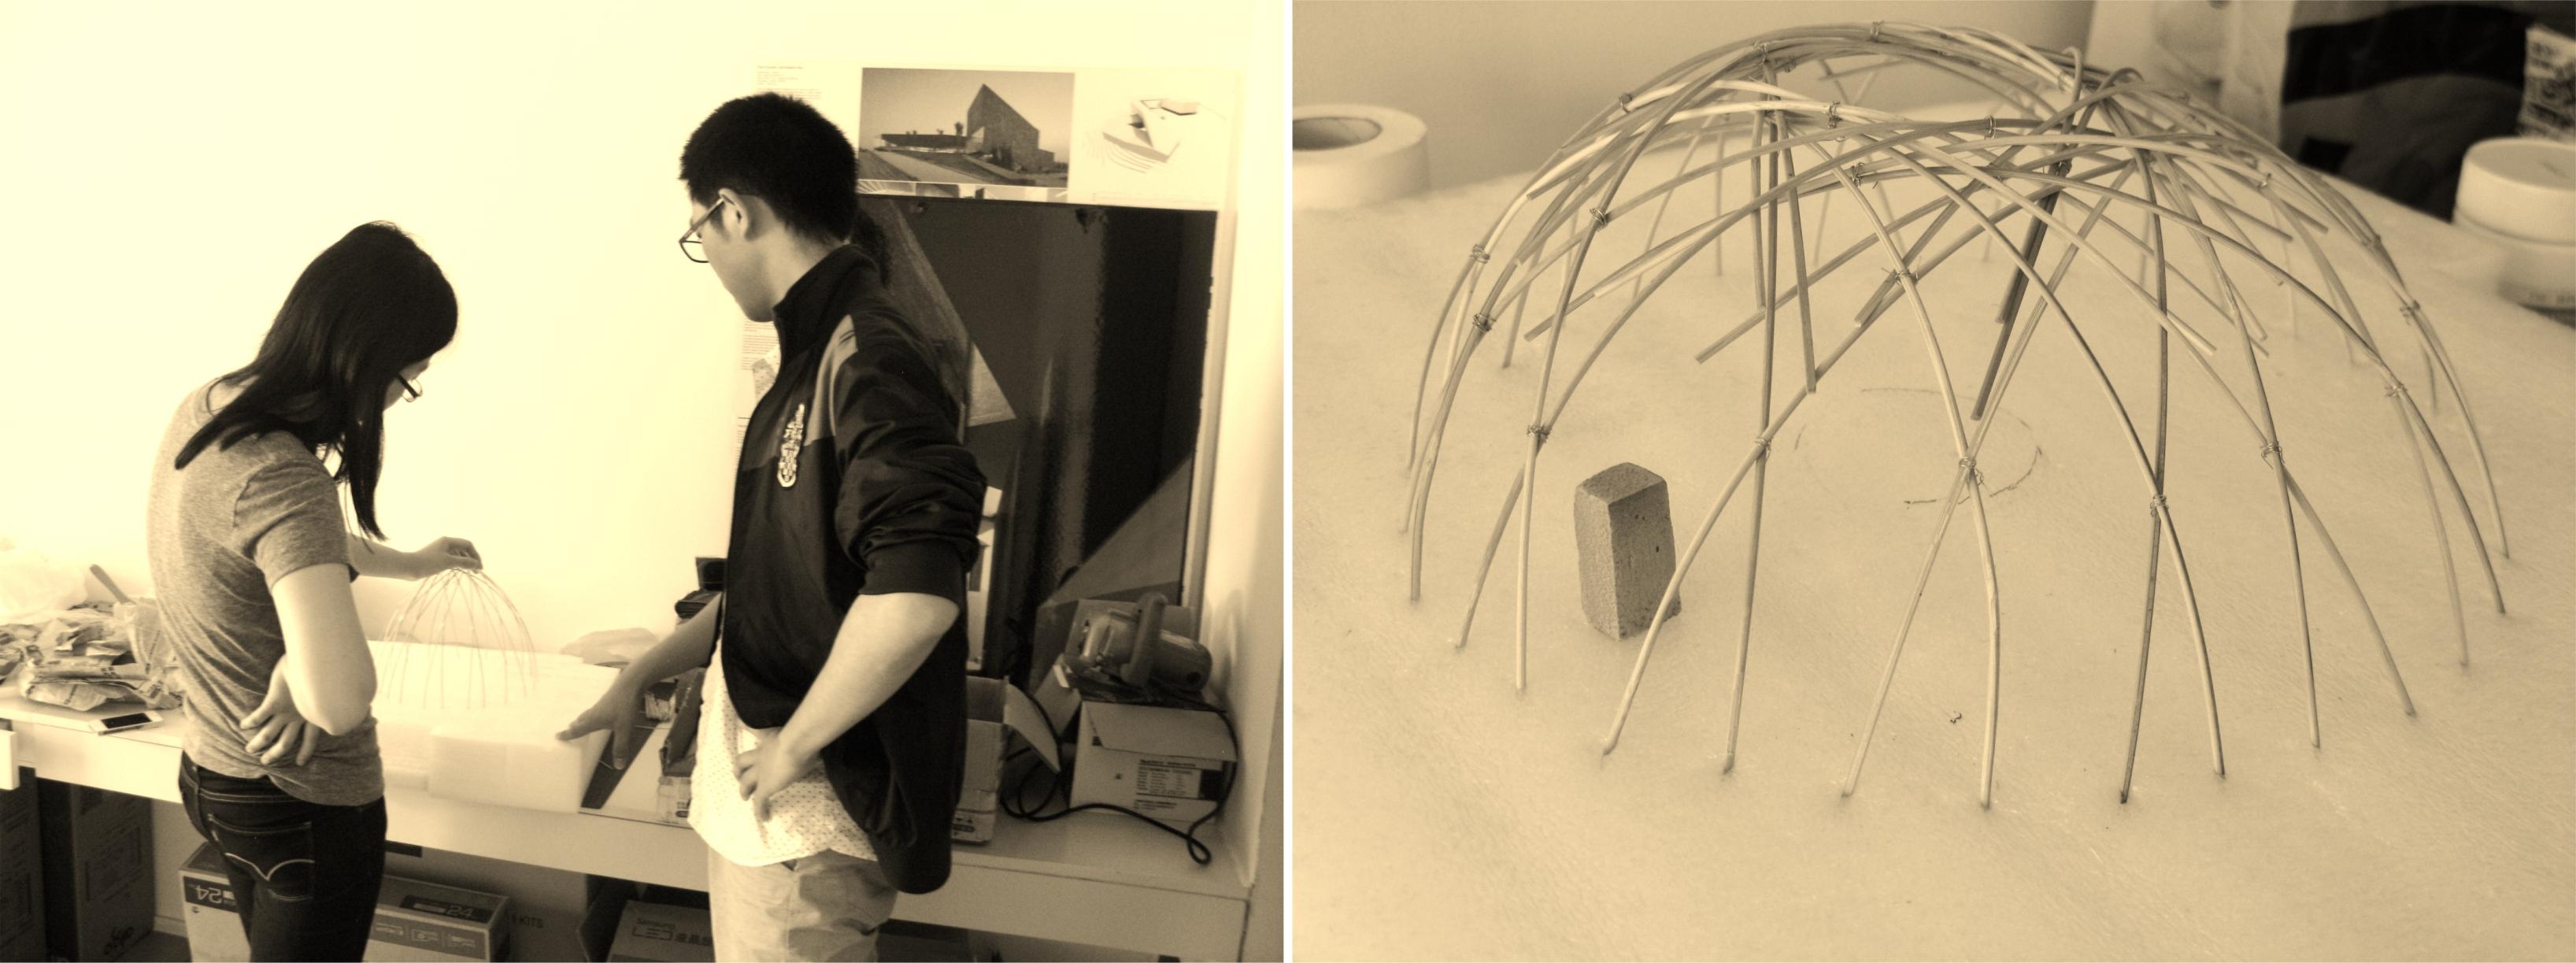 Офис DNA. Работа над бамбуковым павильоном в Songuang. Фото автора